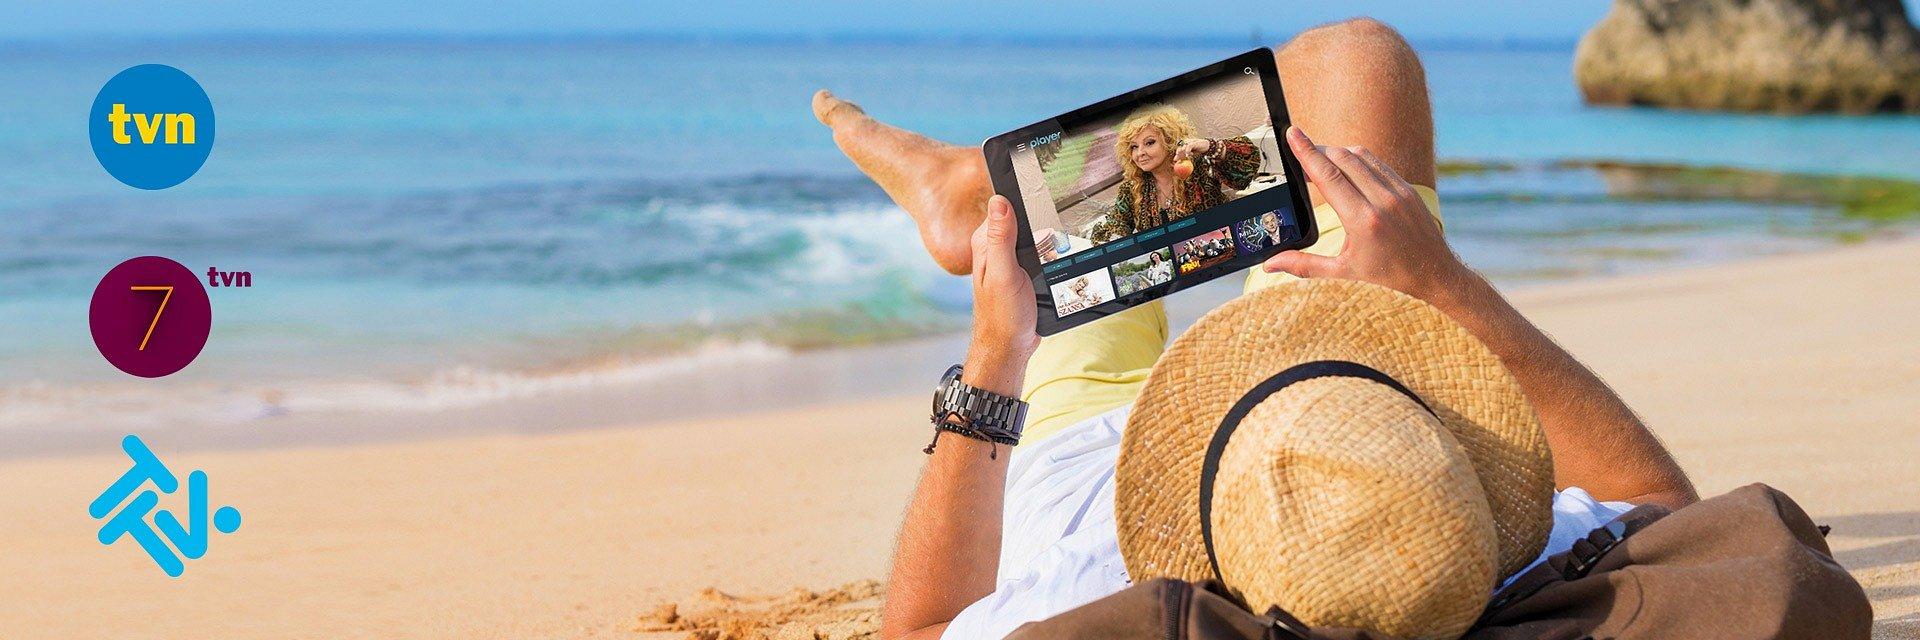 Wakacje z player.pl – TVN, TTV i TVN7 po raz pierwszy dostępne on-line!